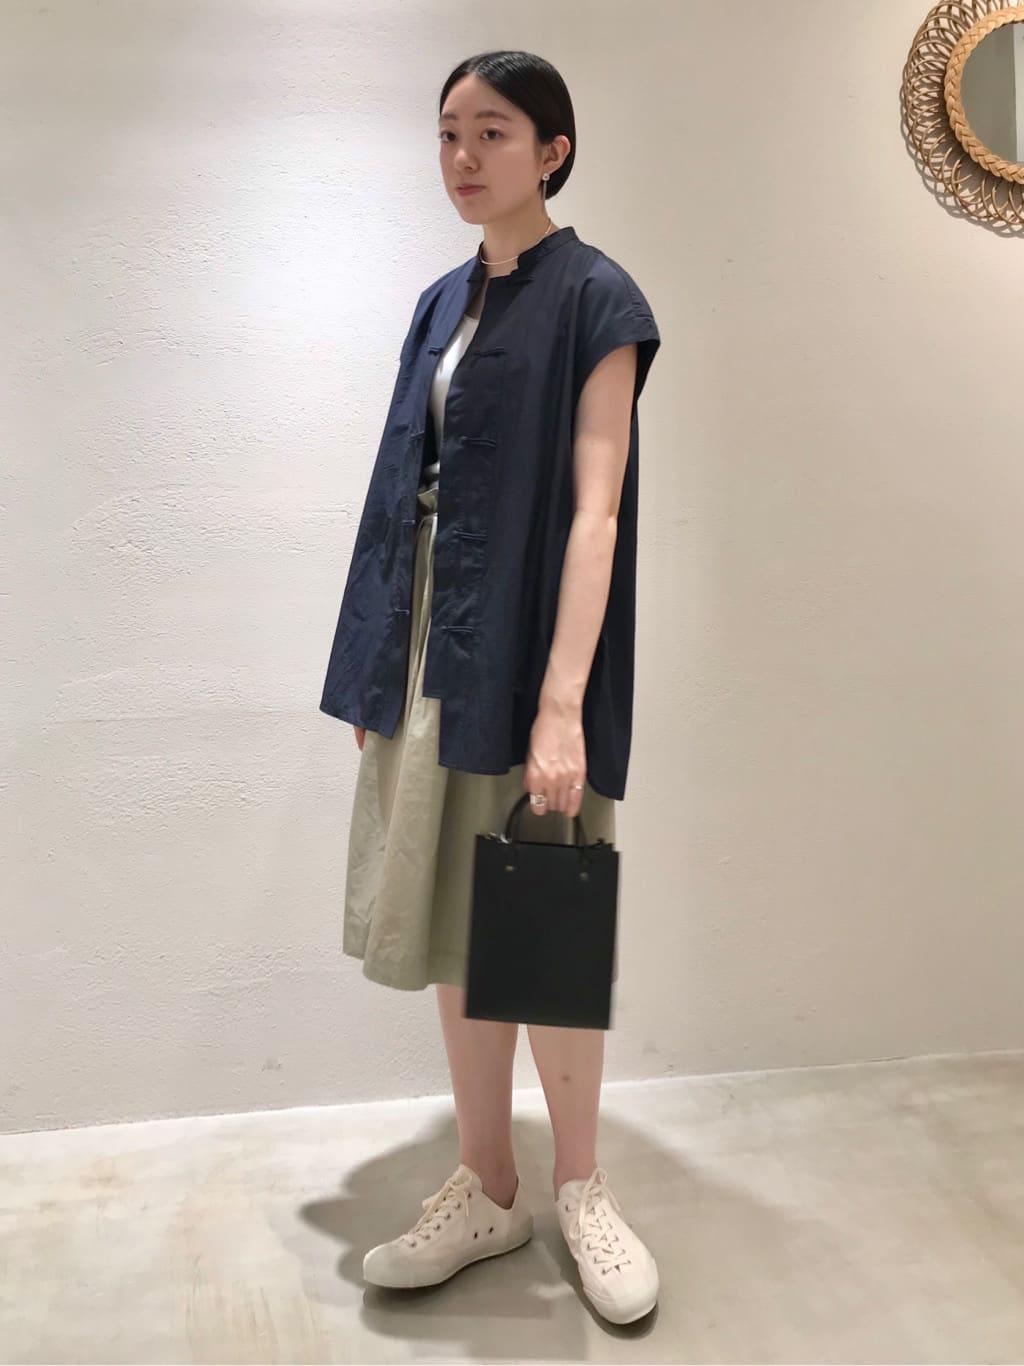 yuni ニュウマン横浜 身長:166cm 2021.07.21